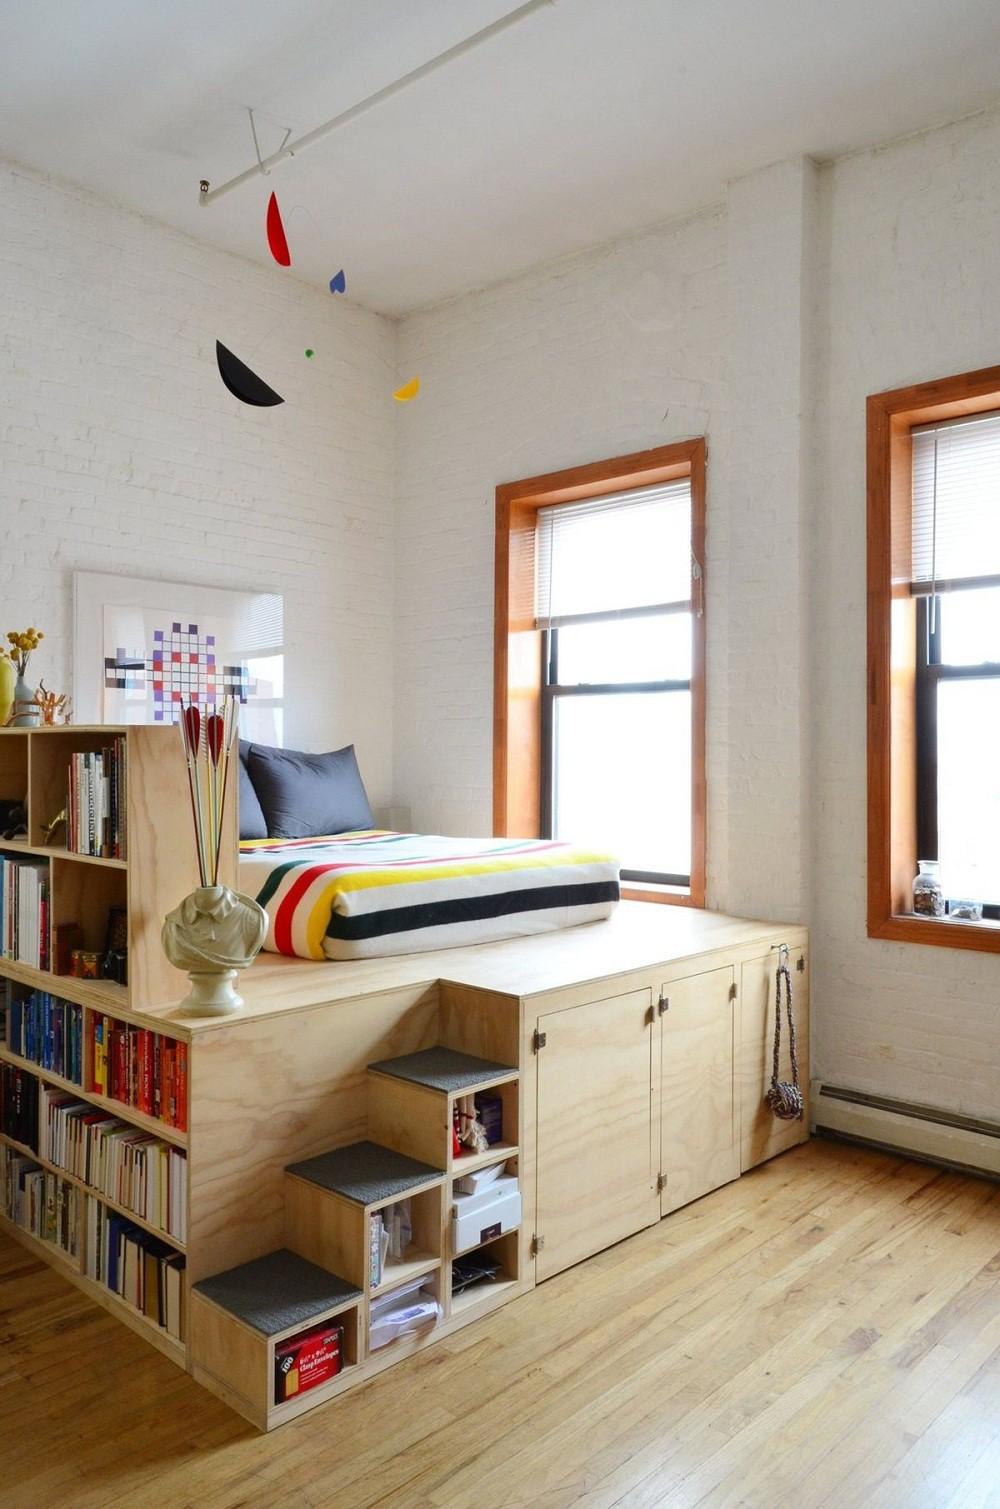 Phòng ngủ nhỏ rộng thênh thang với 8 kiểu giường lưu trữ siêu hoàn hảo dưới đây - Ảnh 8.